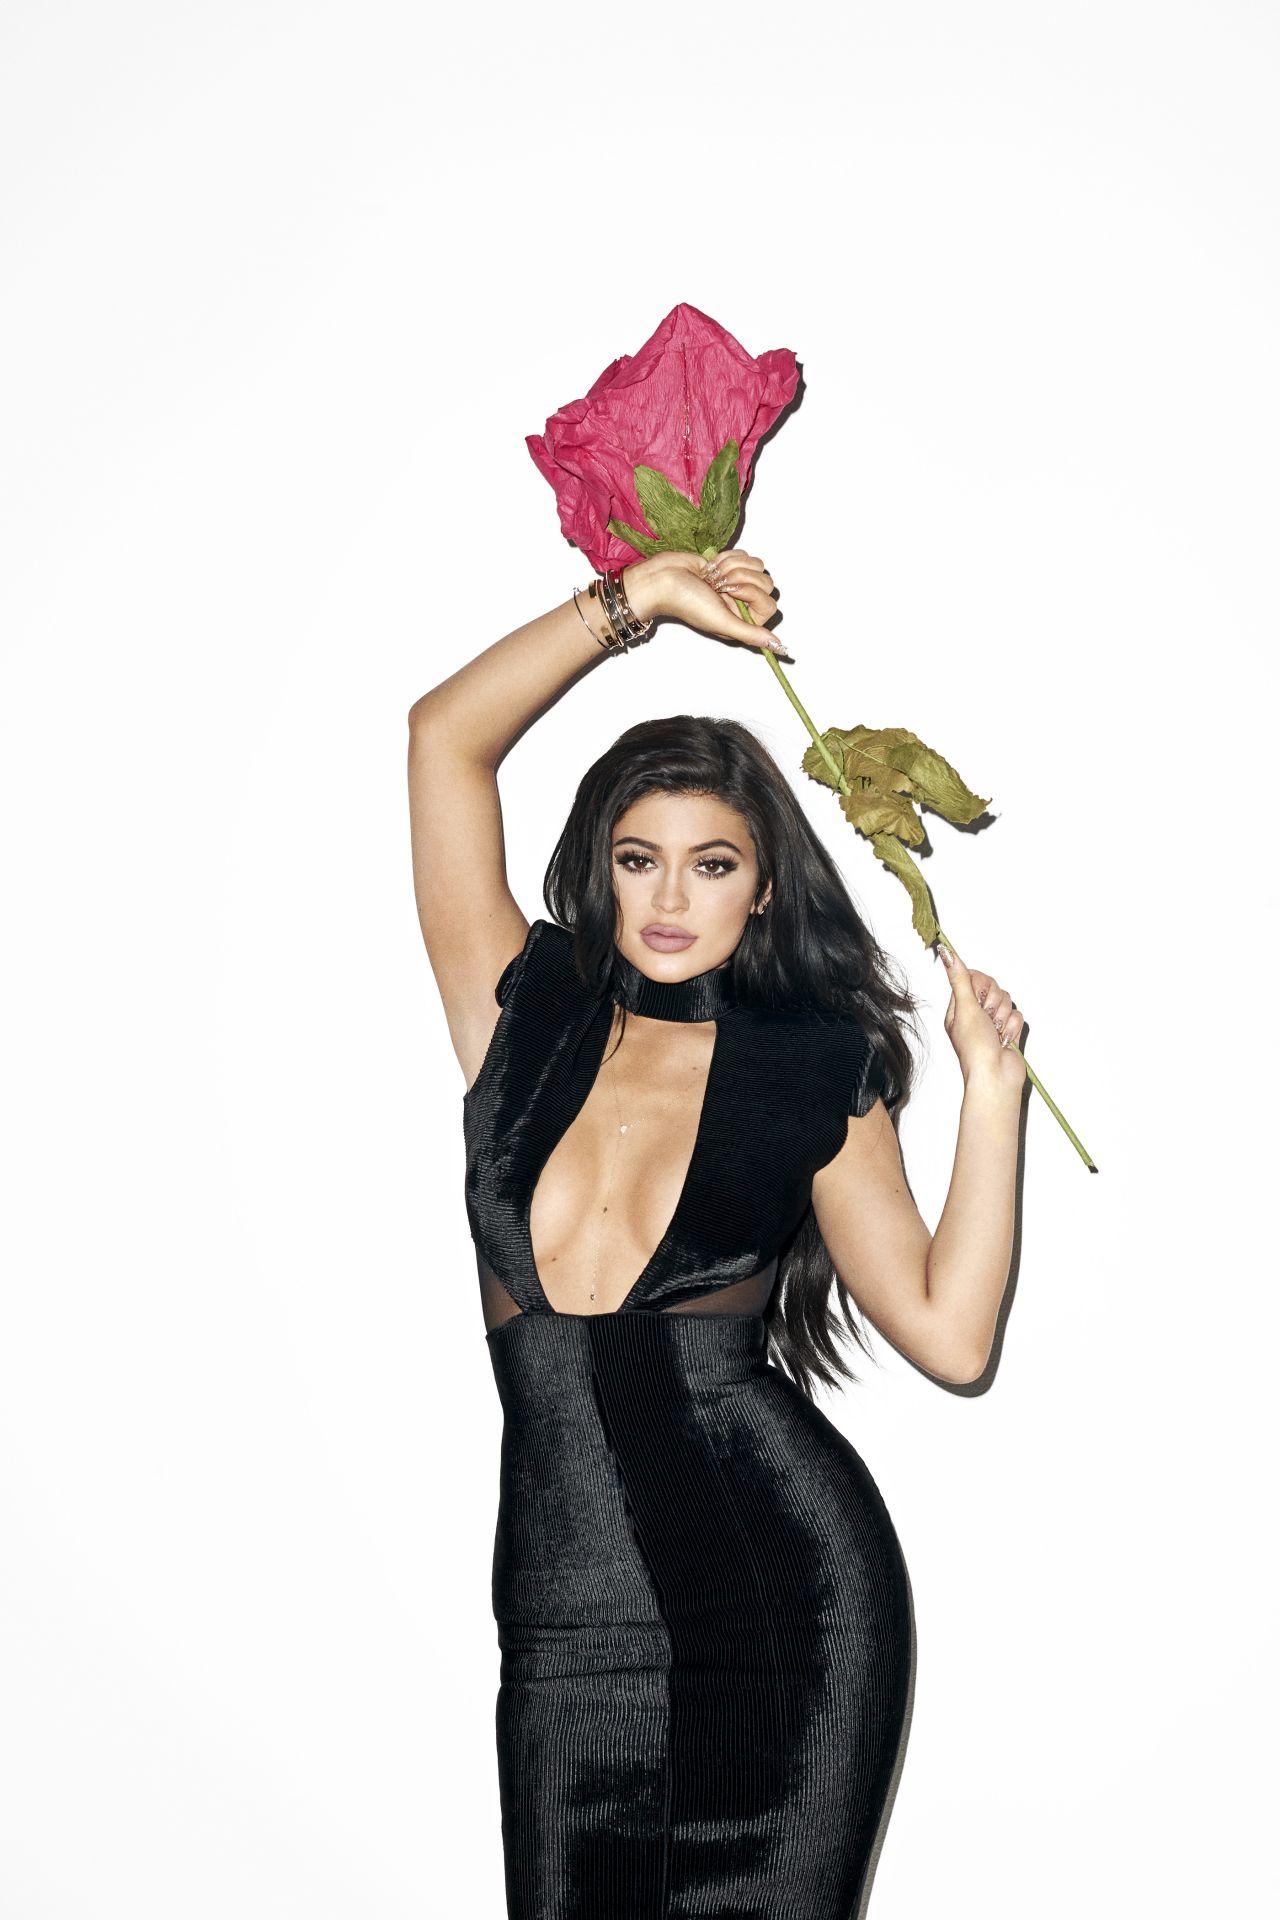 Photoshoot For Vogue Magazine November 2015: Photoshoot For Galore Magazine